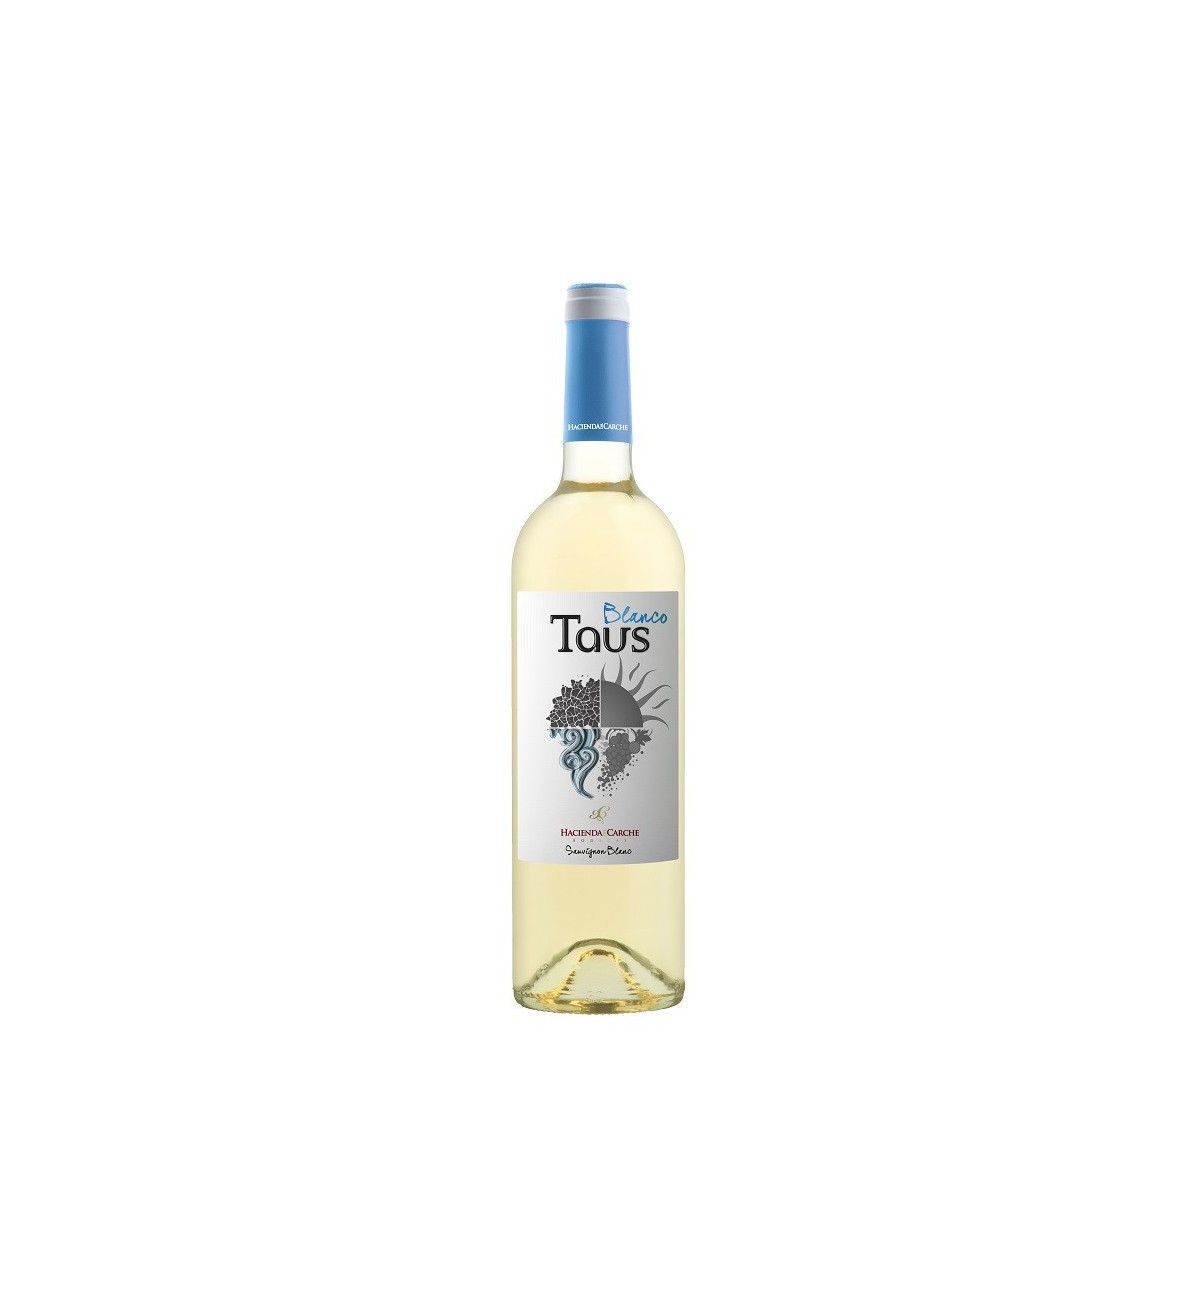 Taus Blanco 2018 - Vino Blanco Jumilla Sauvignon Blanc, Hacienda del Carche